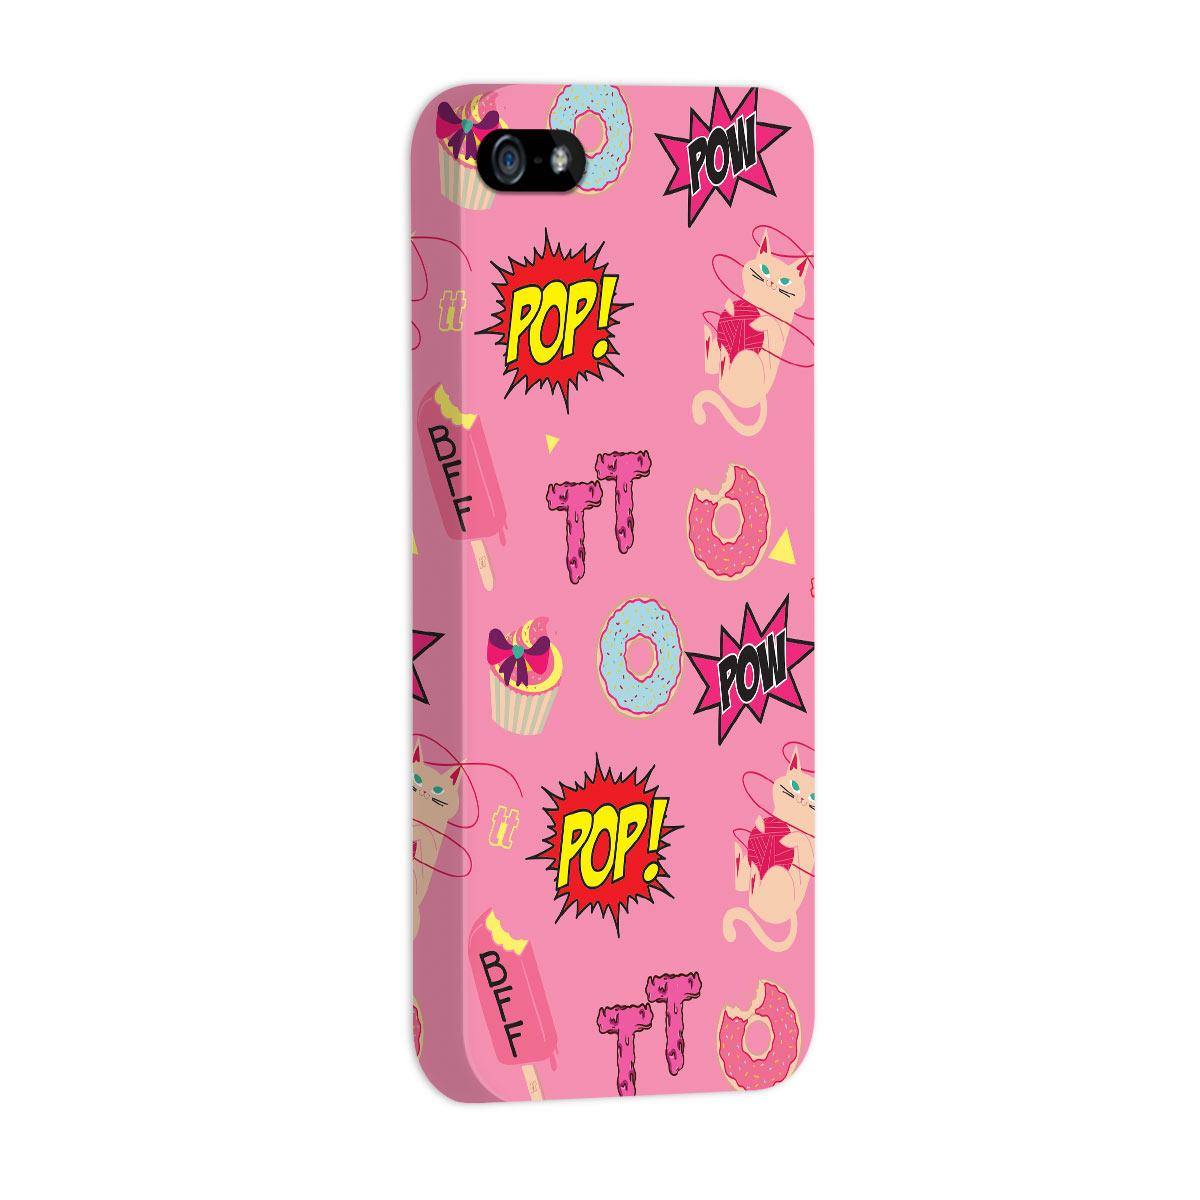 Capa para iPhone 5/5S TodaTeen POP!